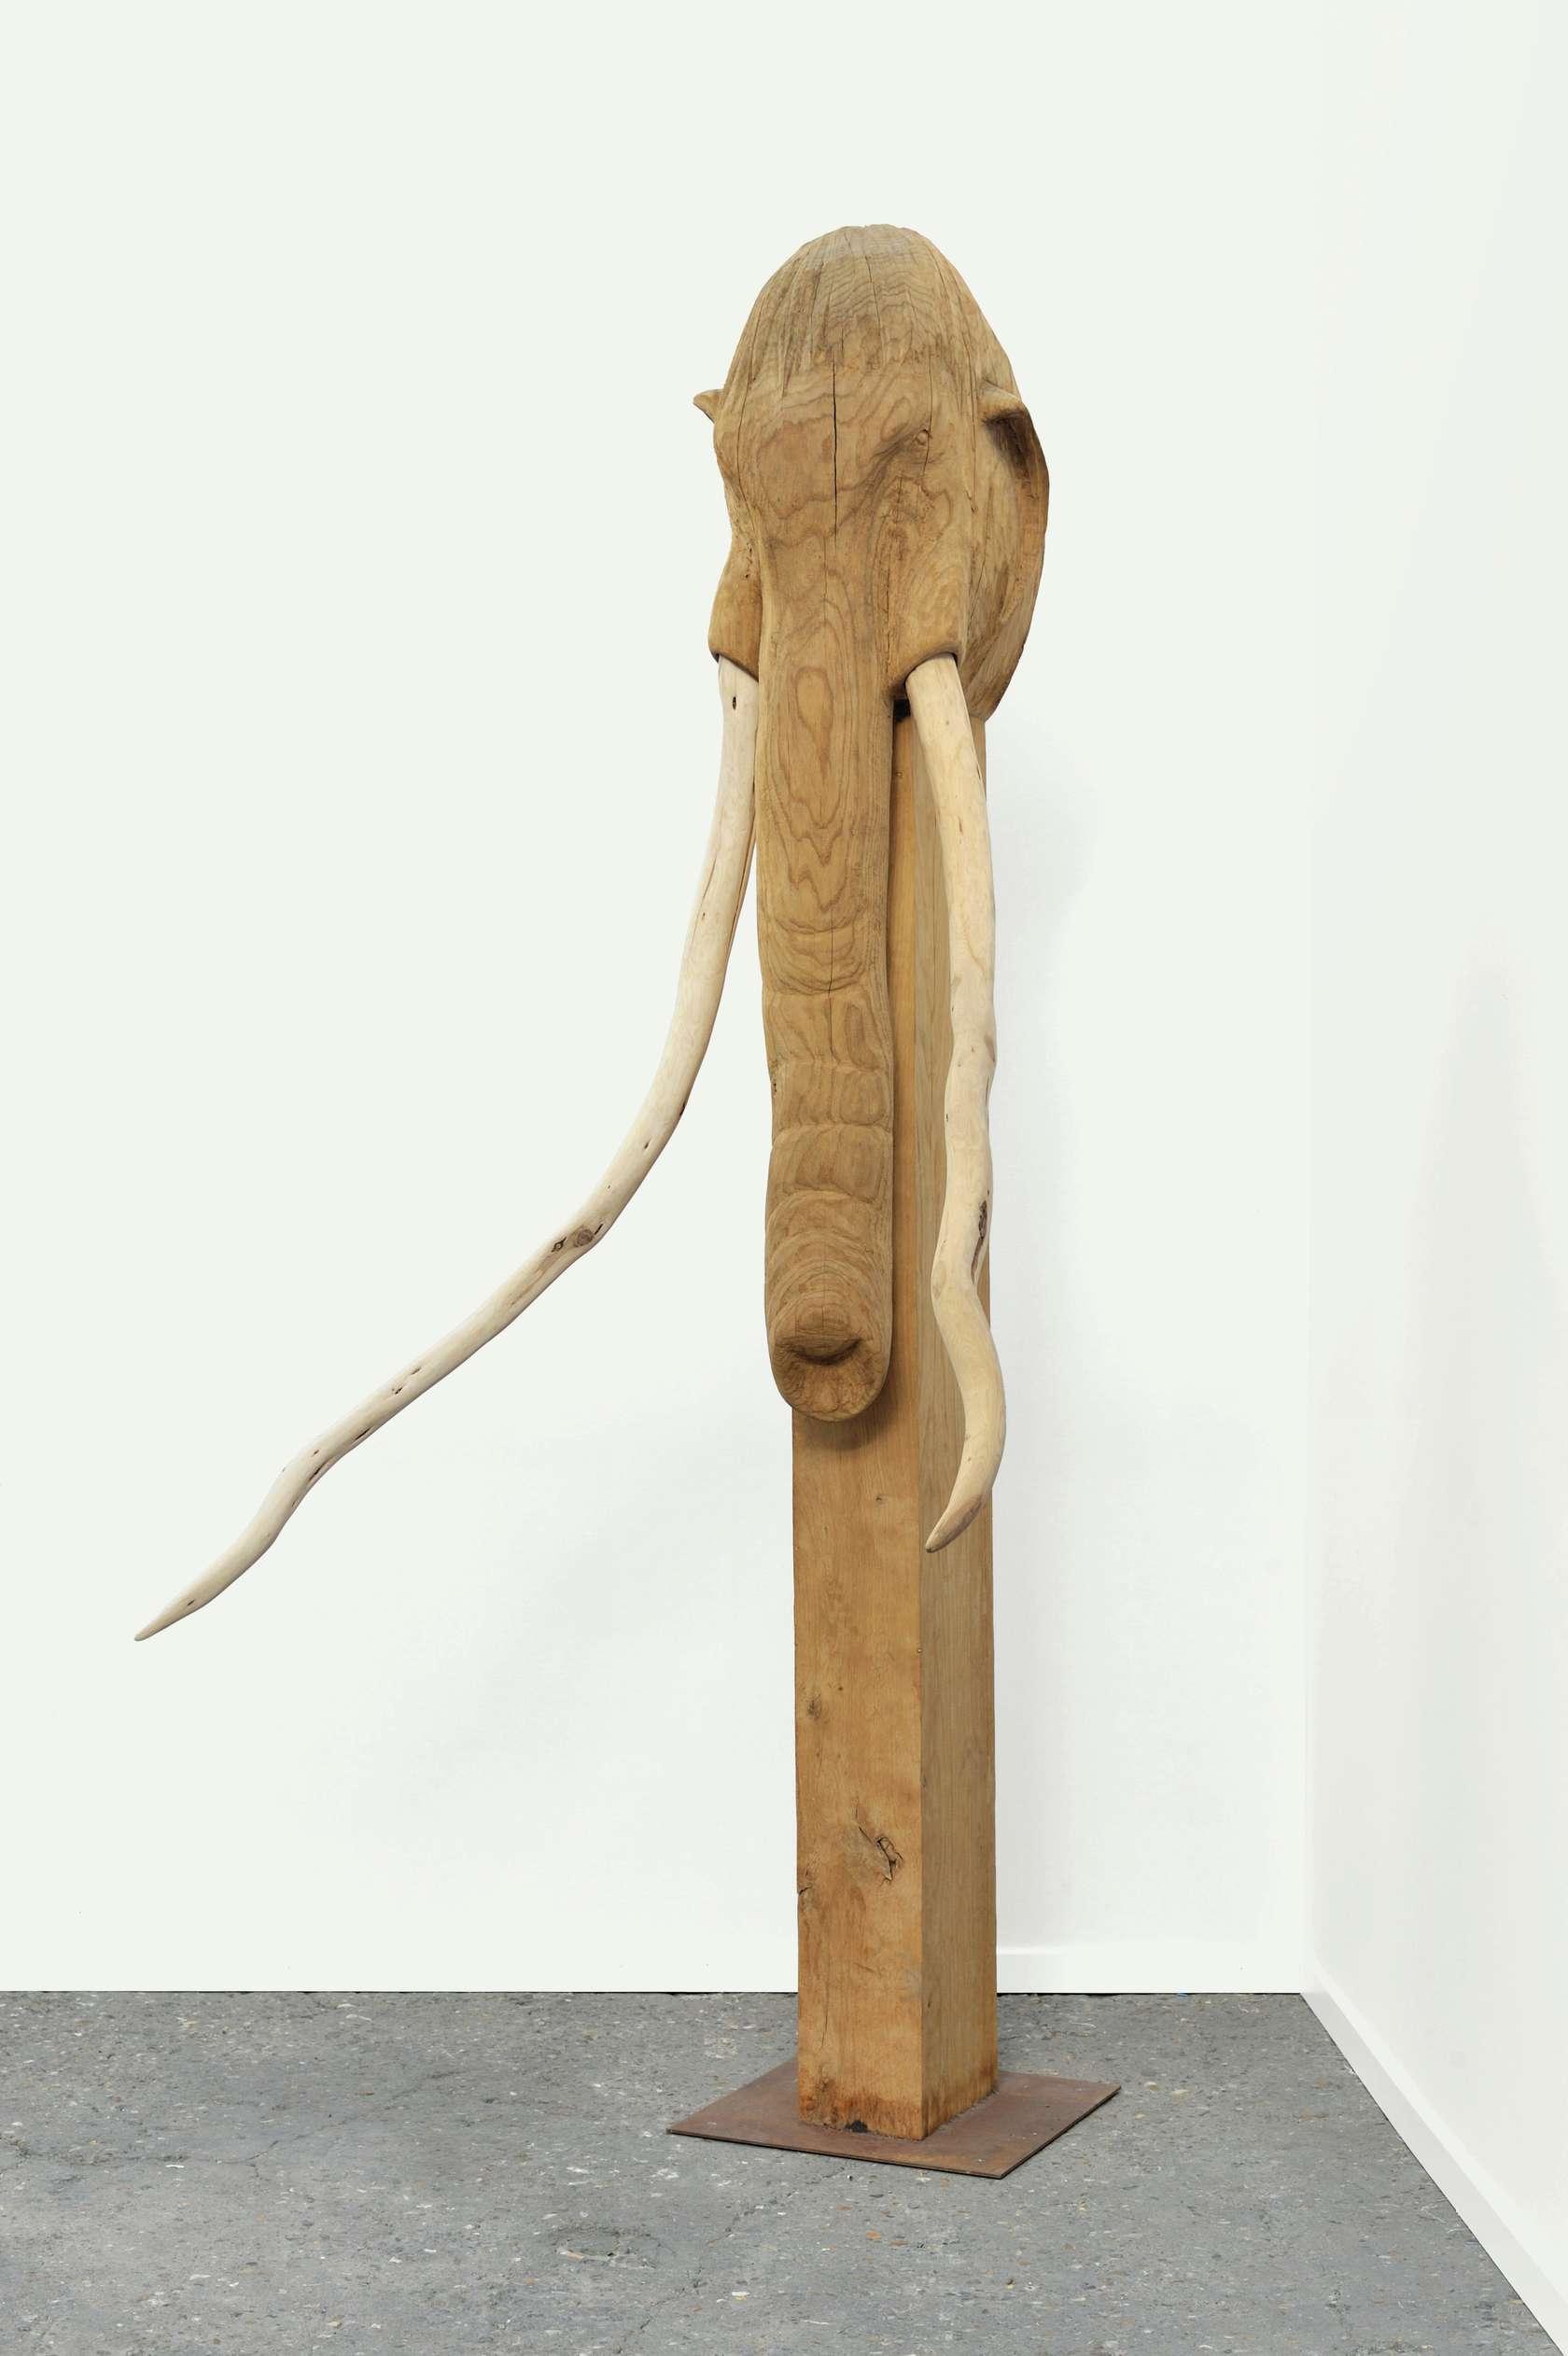 Laurent Le Deunff, Mammouth, 2009 Bois de chêne et bois de cade265 x 165 x 116 cm / 104 3/8 x 65  x 45 5/8 inches